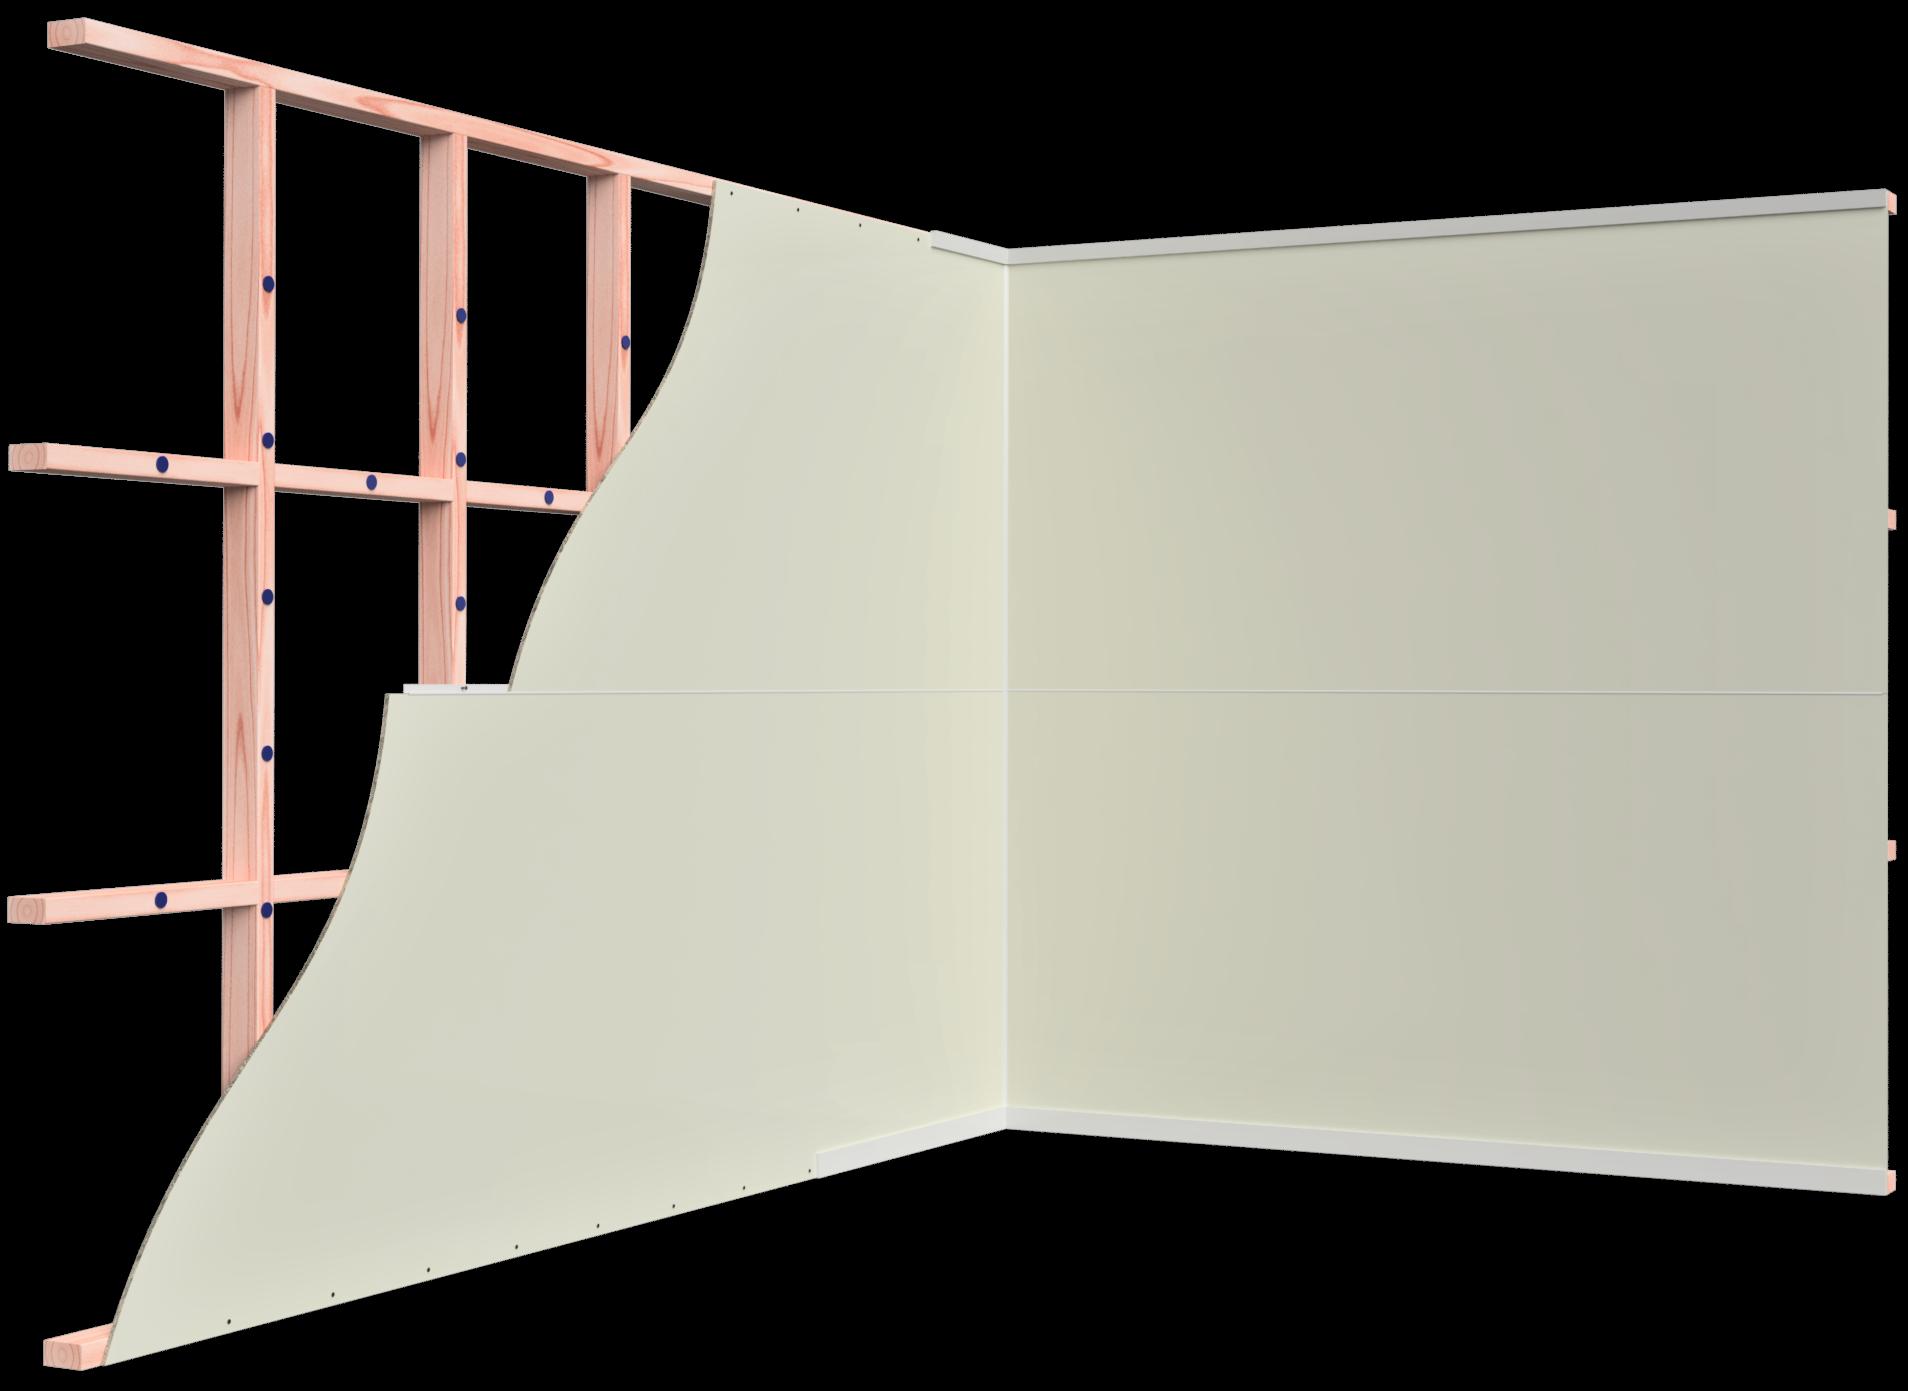 New Horizontal Sheet Layout with Slim-Line Aluminium Trim